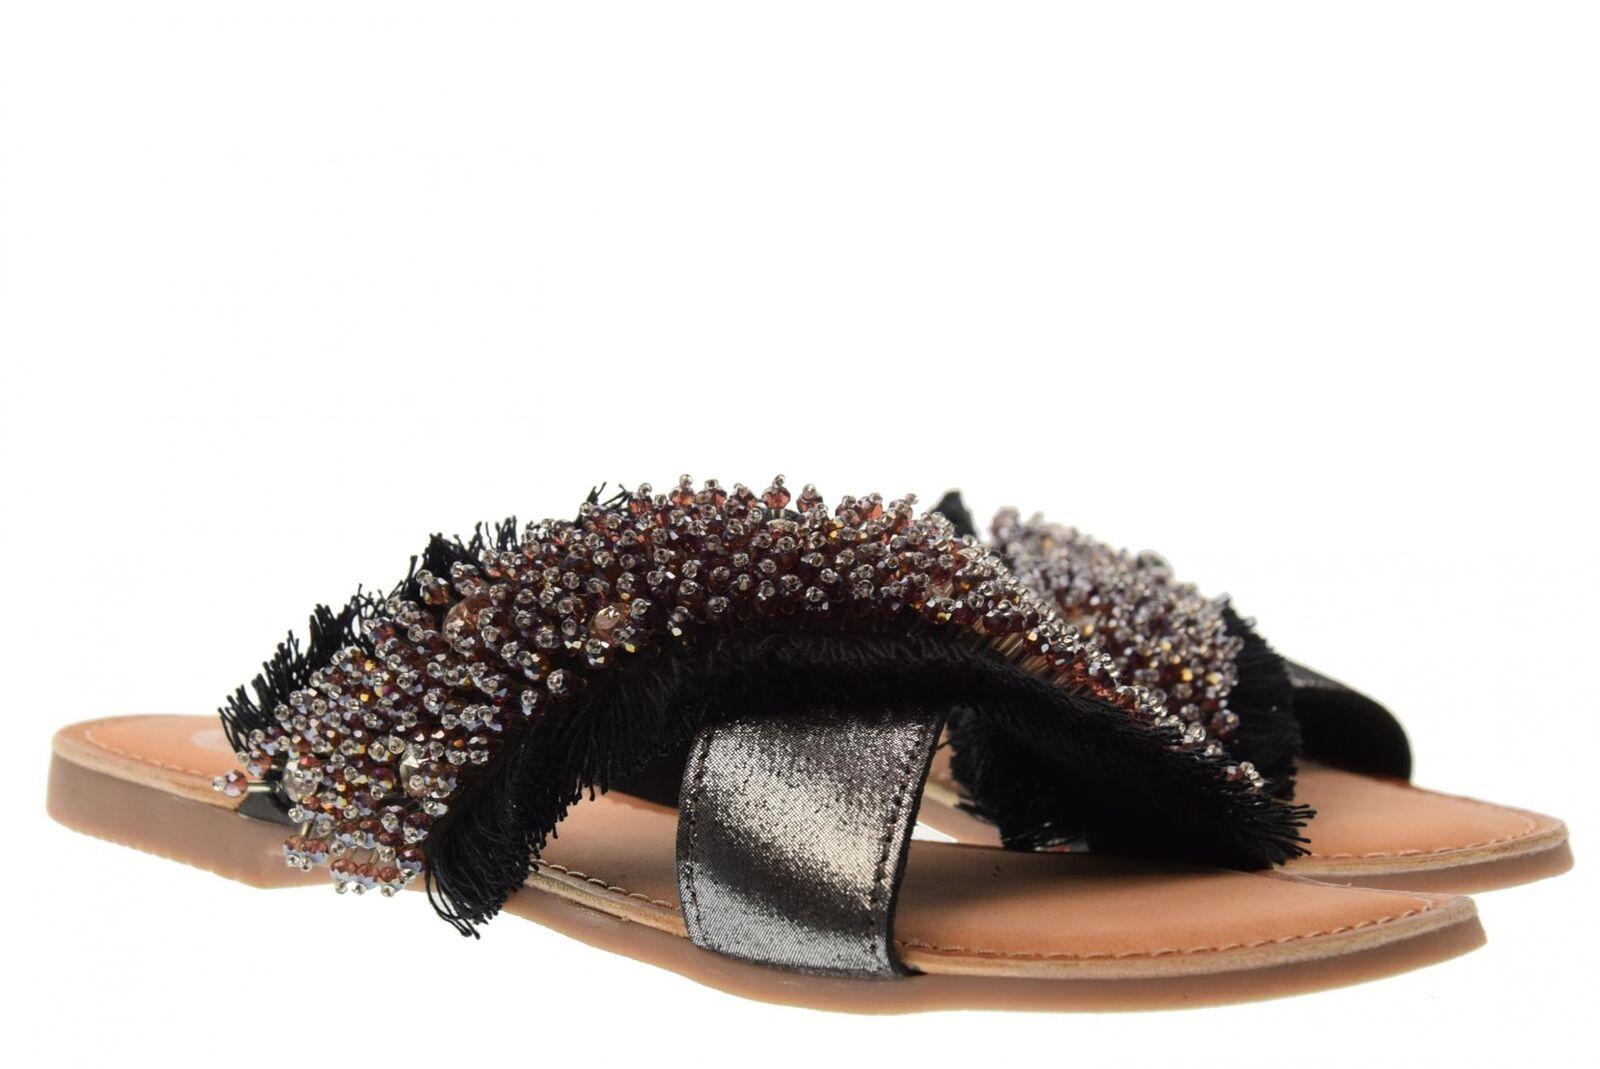 Gioseppo Schuhe Frau P18g niedrige Hausschuhe 45307 SCHWARZ P18g Frau af43bc